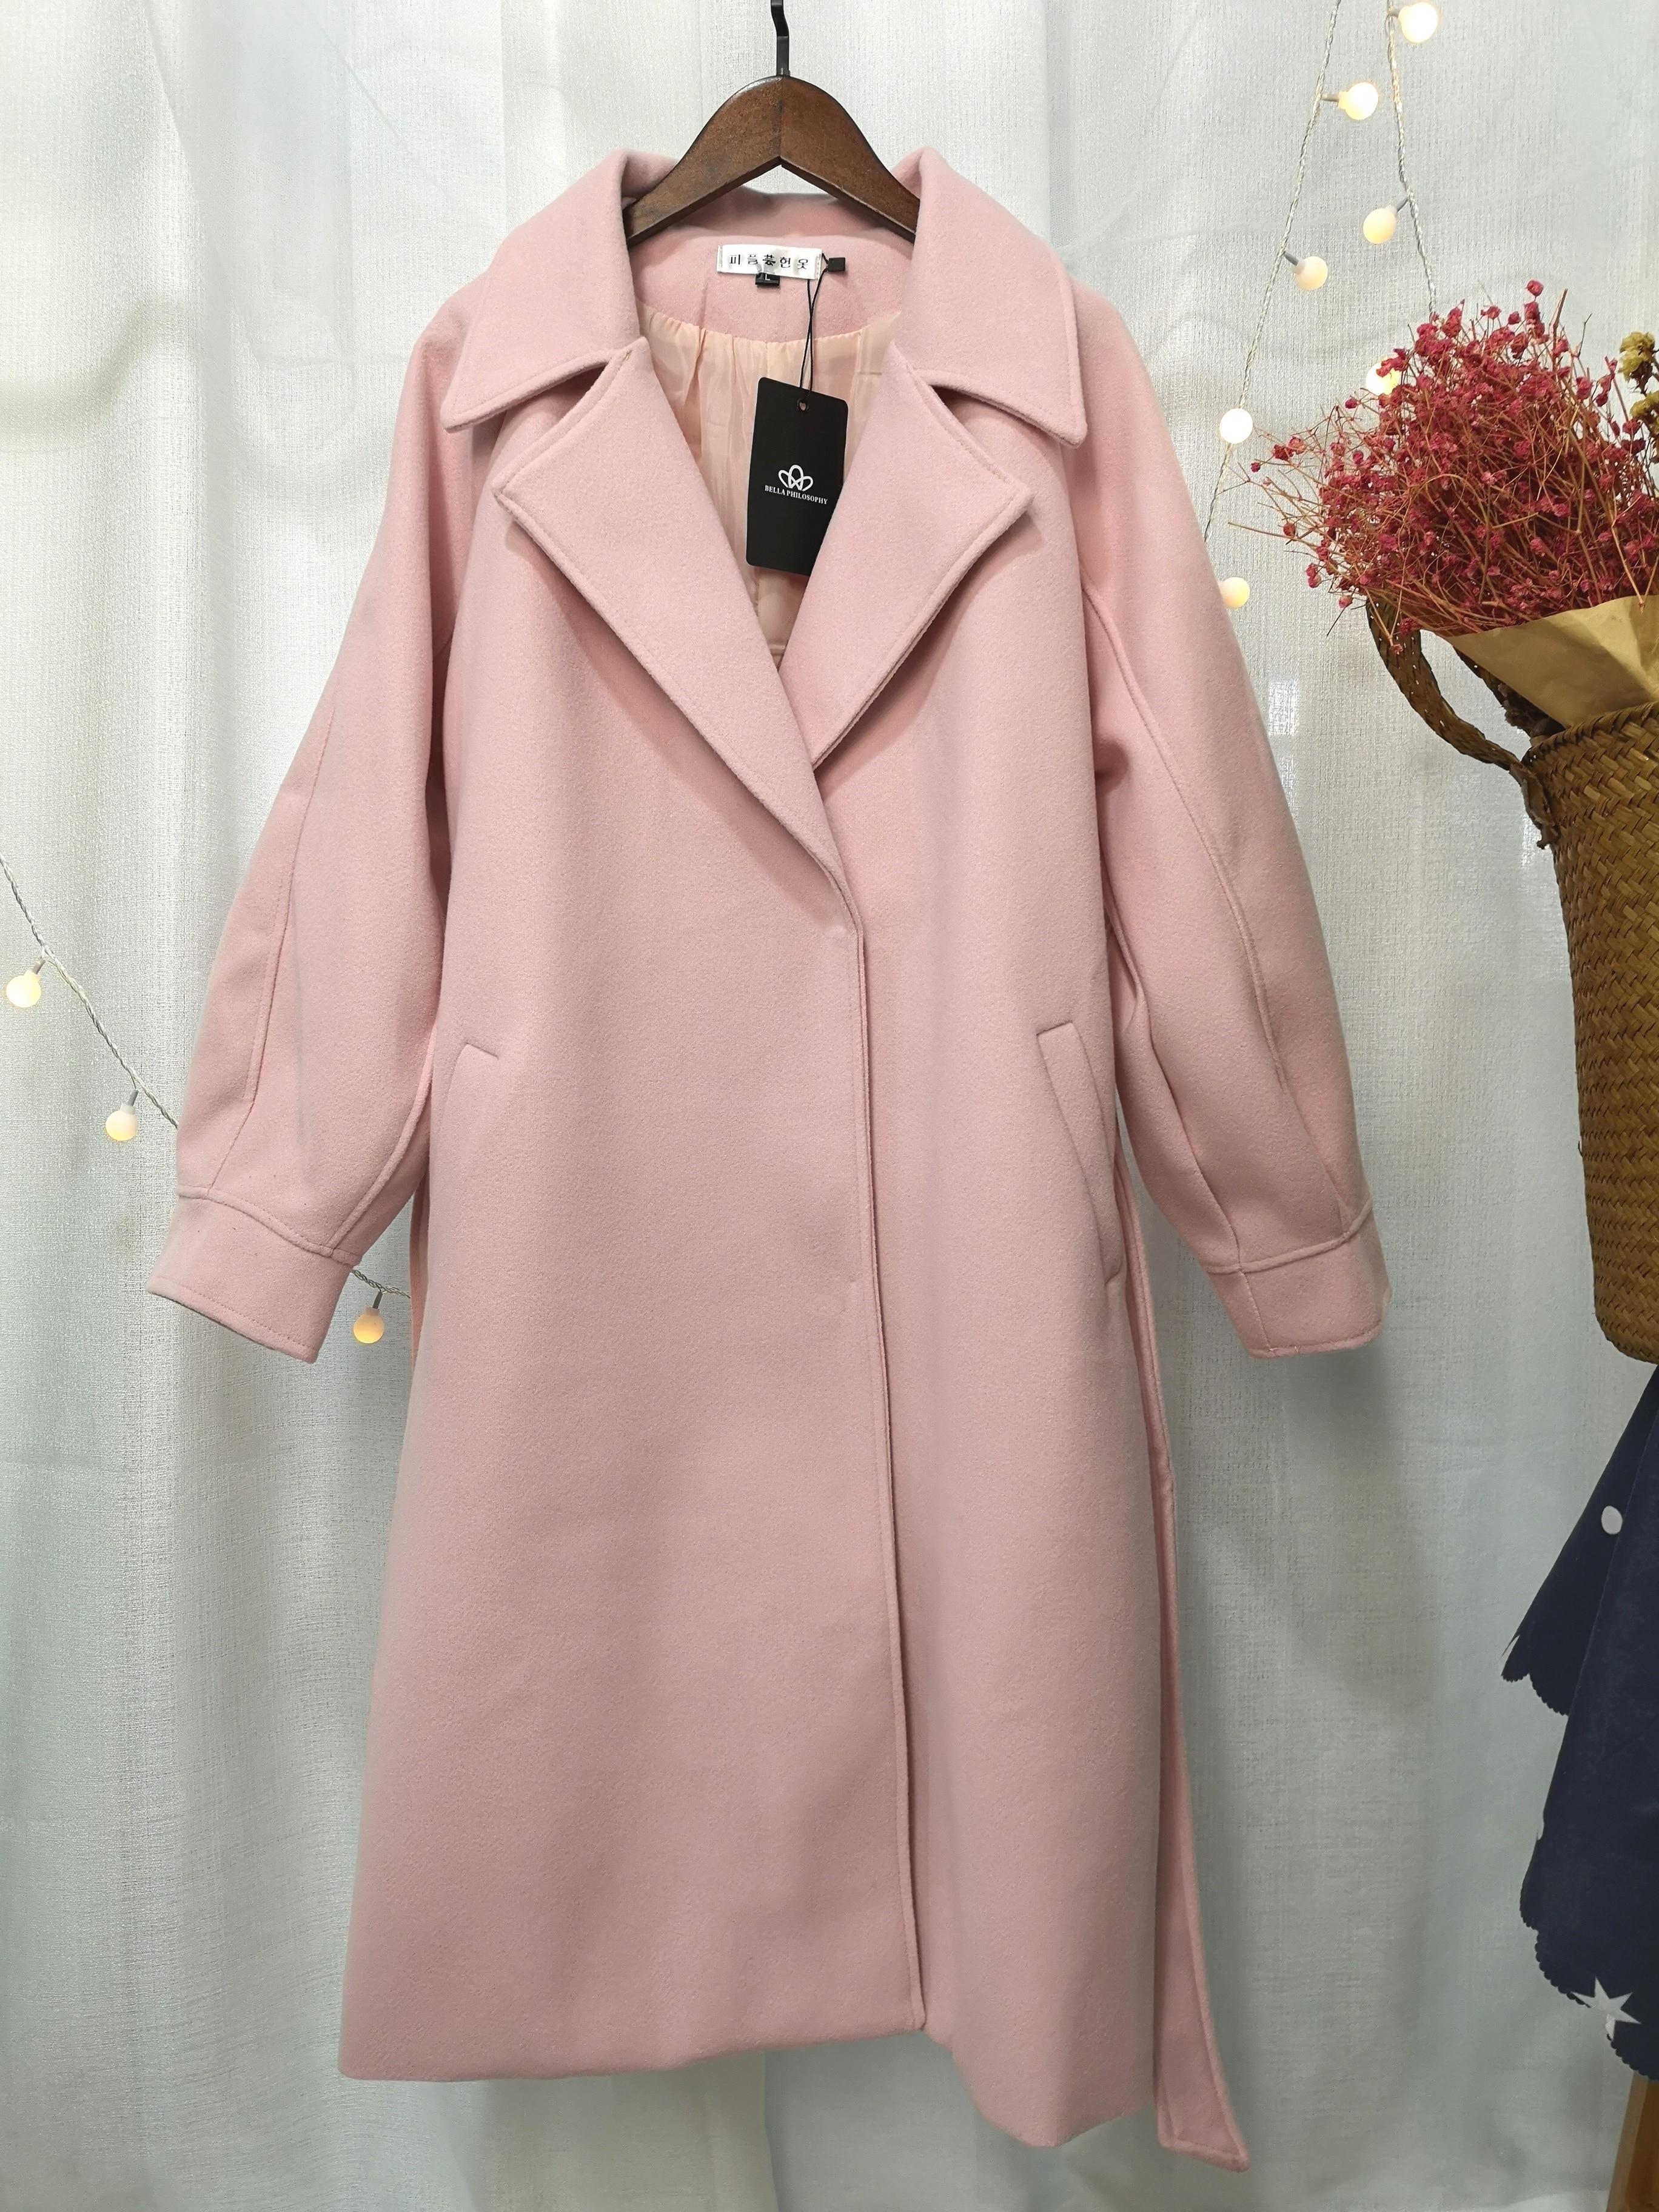 2019 Autumn Winter Woolen coats Women Lantern Sleeve Wool&blends Long Woolen Coat Casual Loose Wool Jacket Female Outwear 13